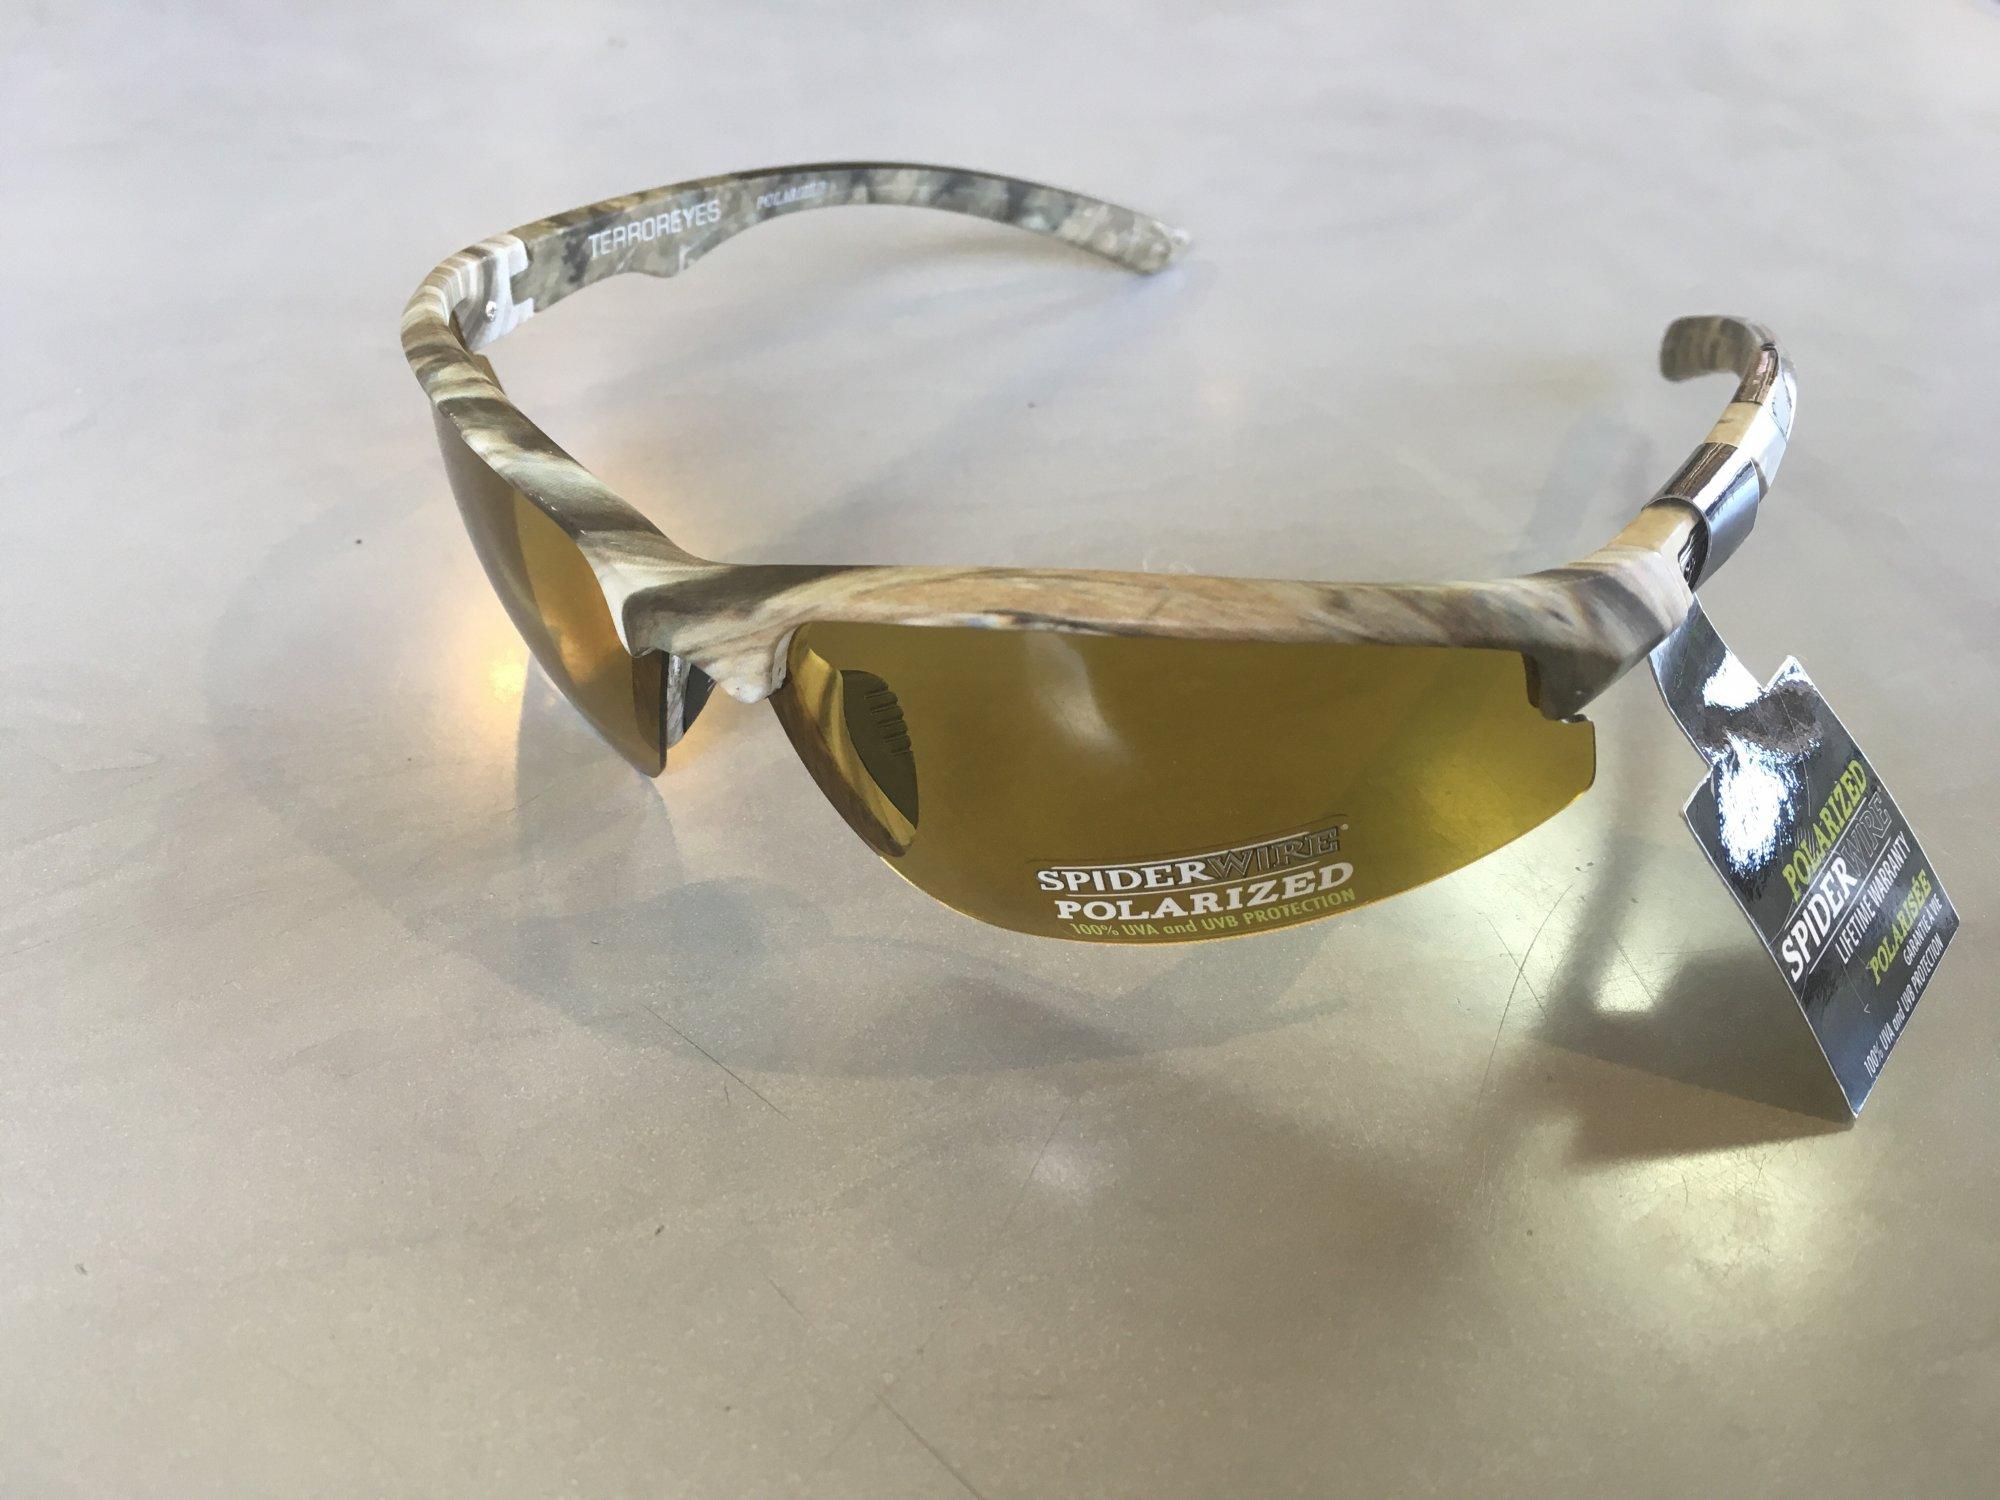 085d69a2132e Spiderwire Camo Sunglasses - 022021609758